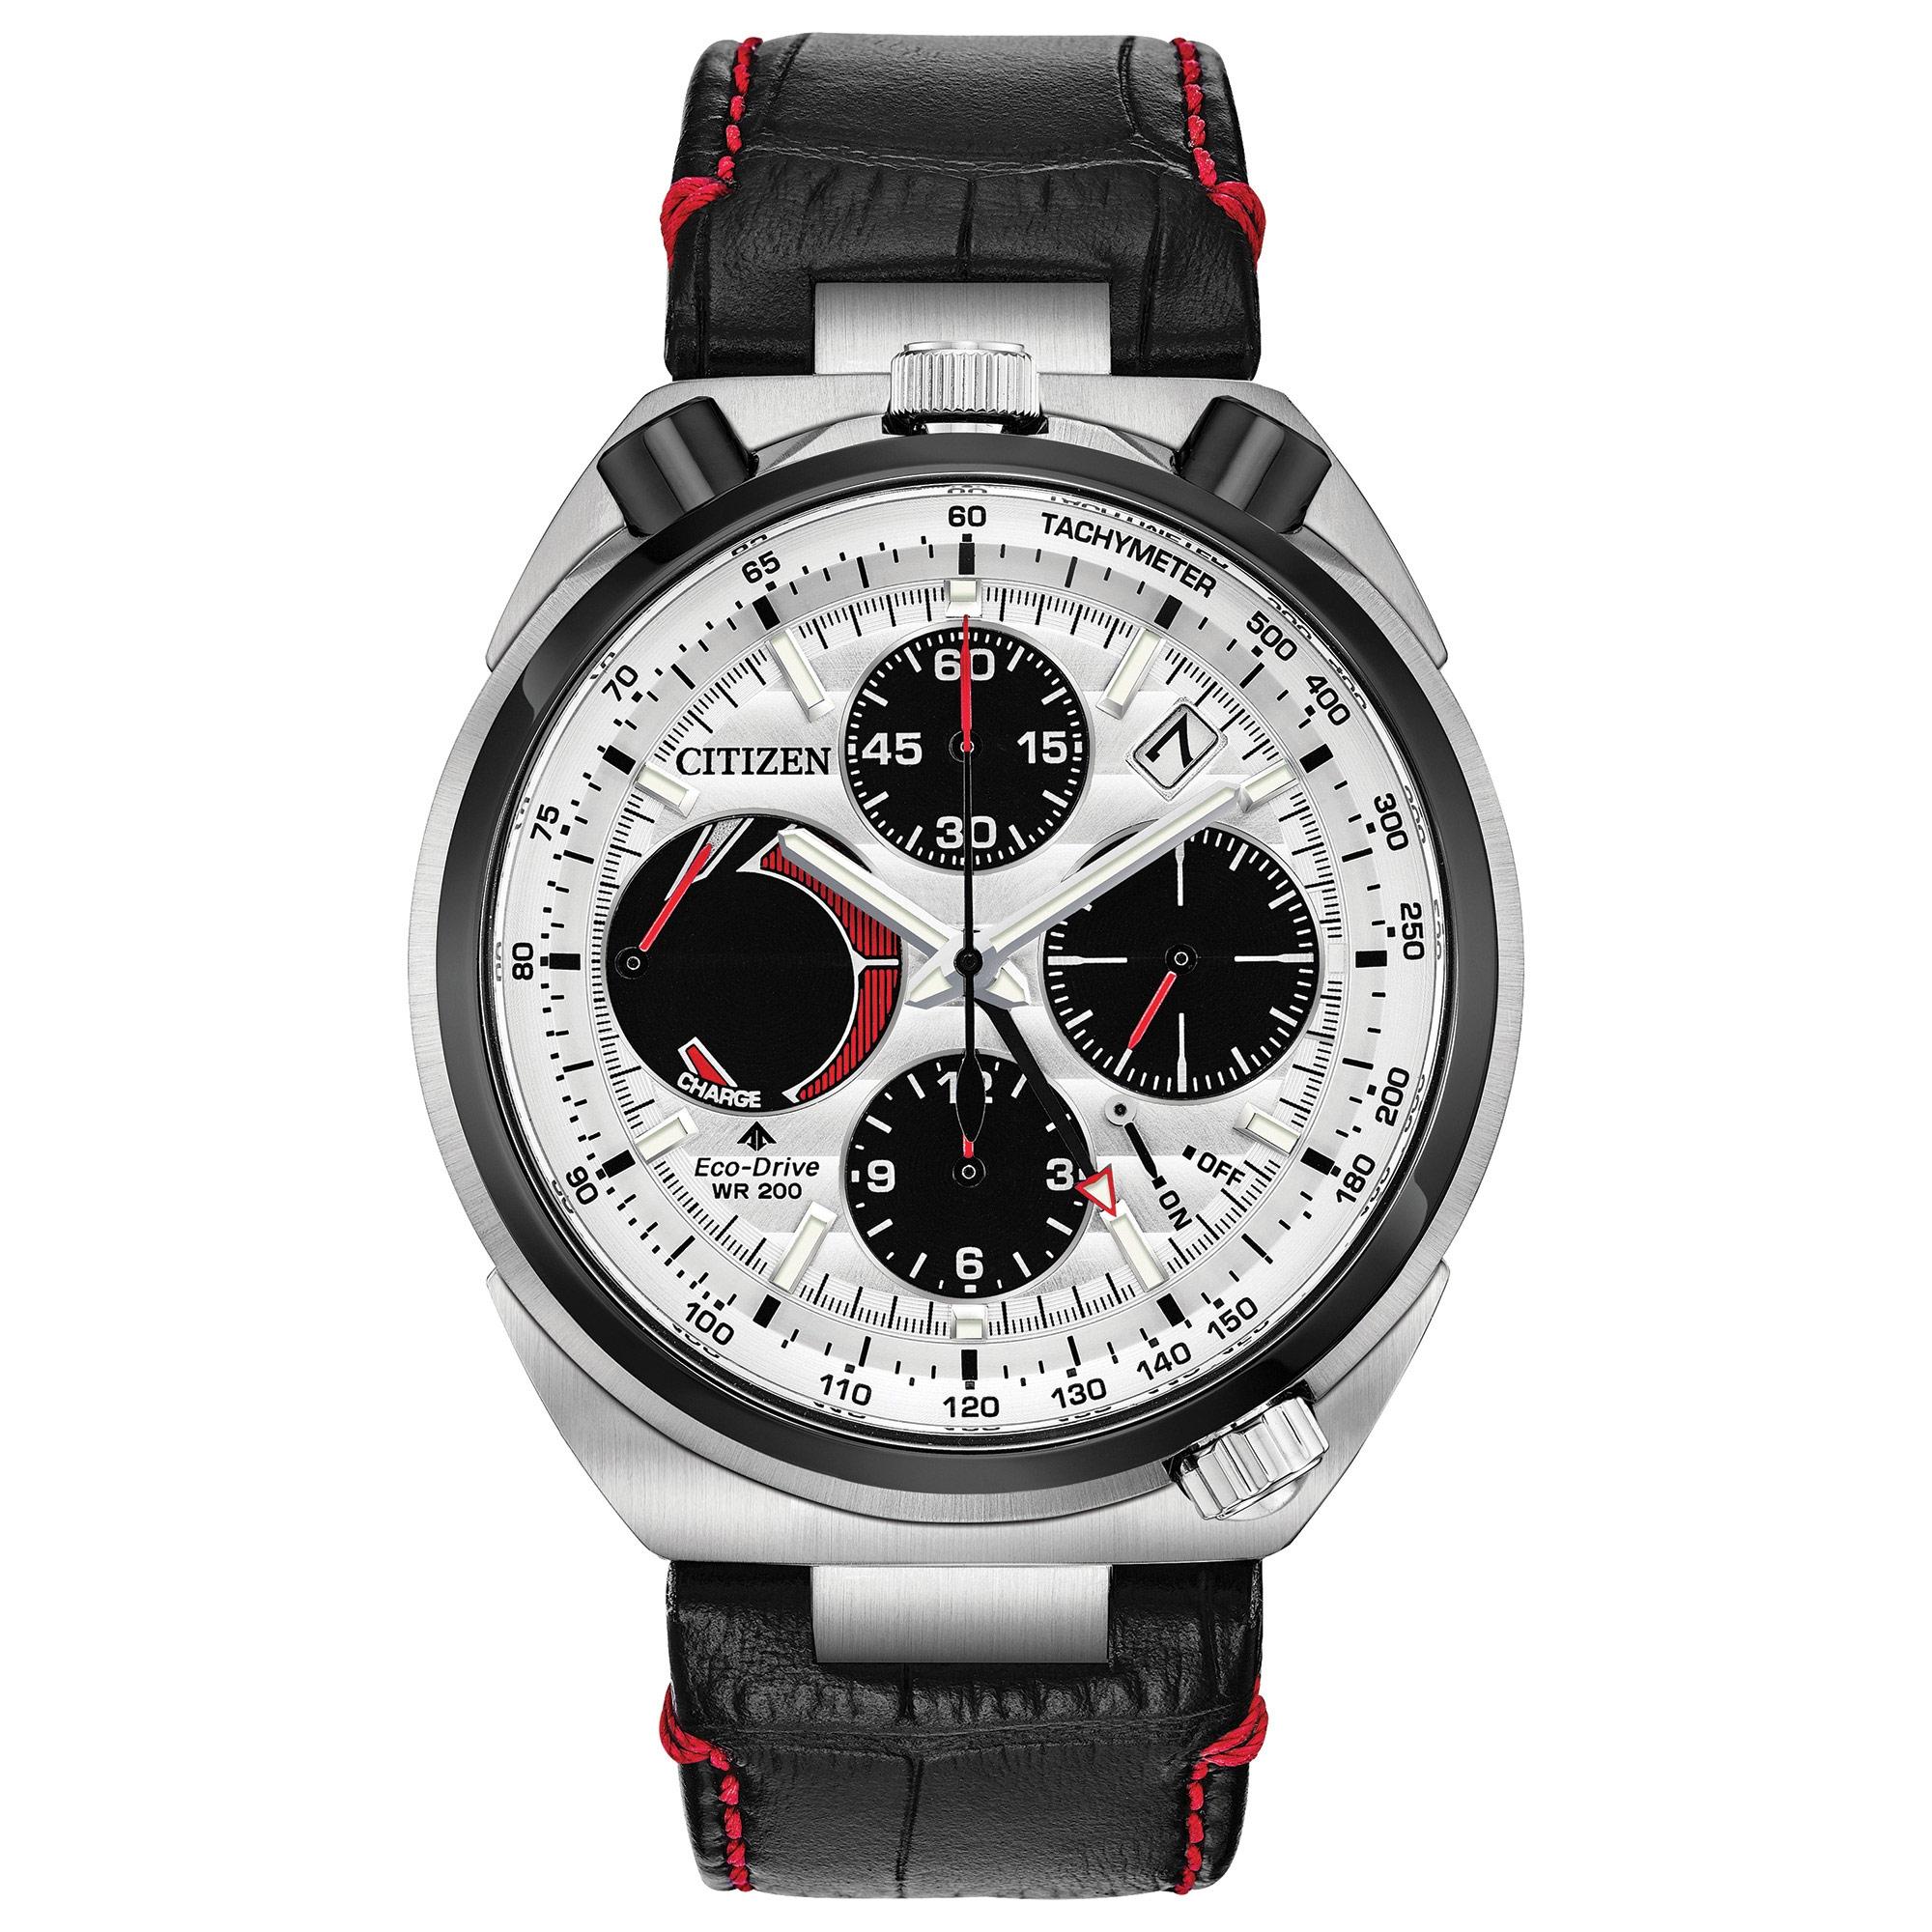 Av0071 03a Citizen Promaster Tsuno Chronograph Racer Eco